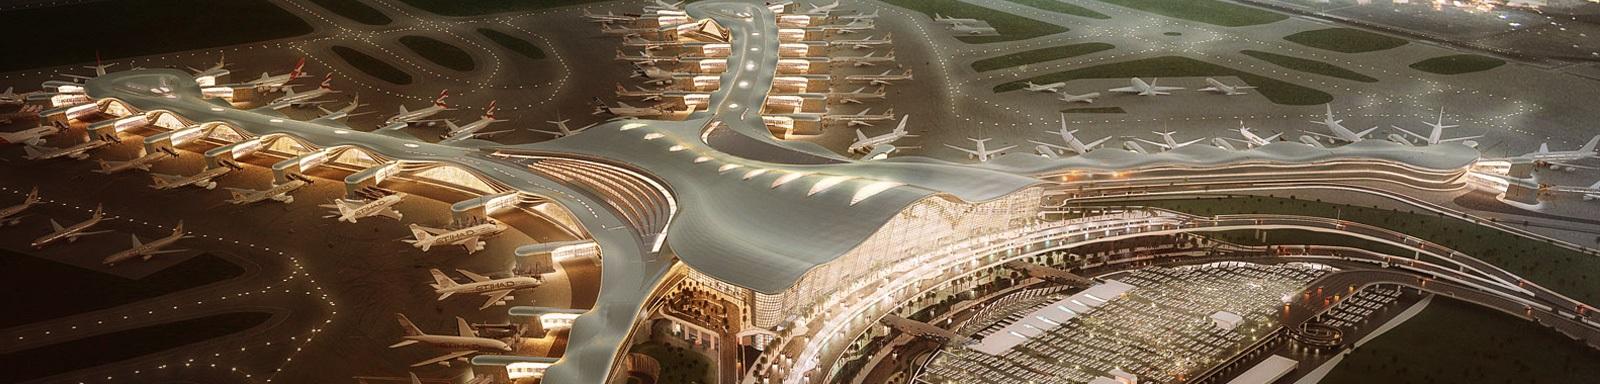 Abu_Dhabi_airpor-xt